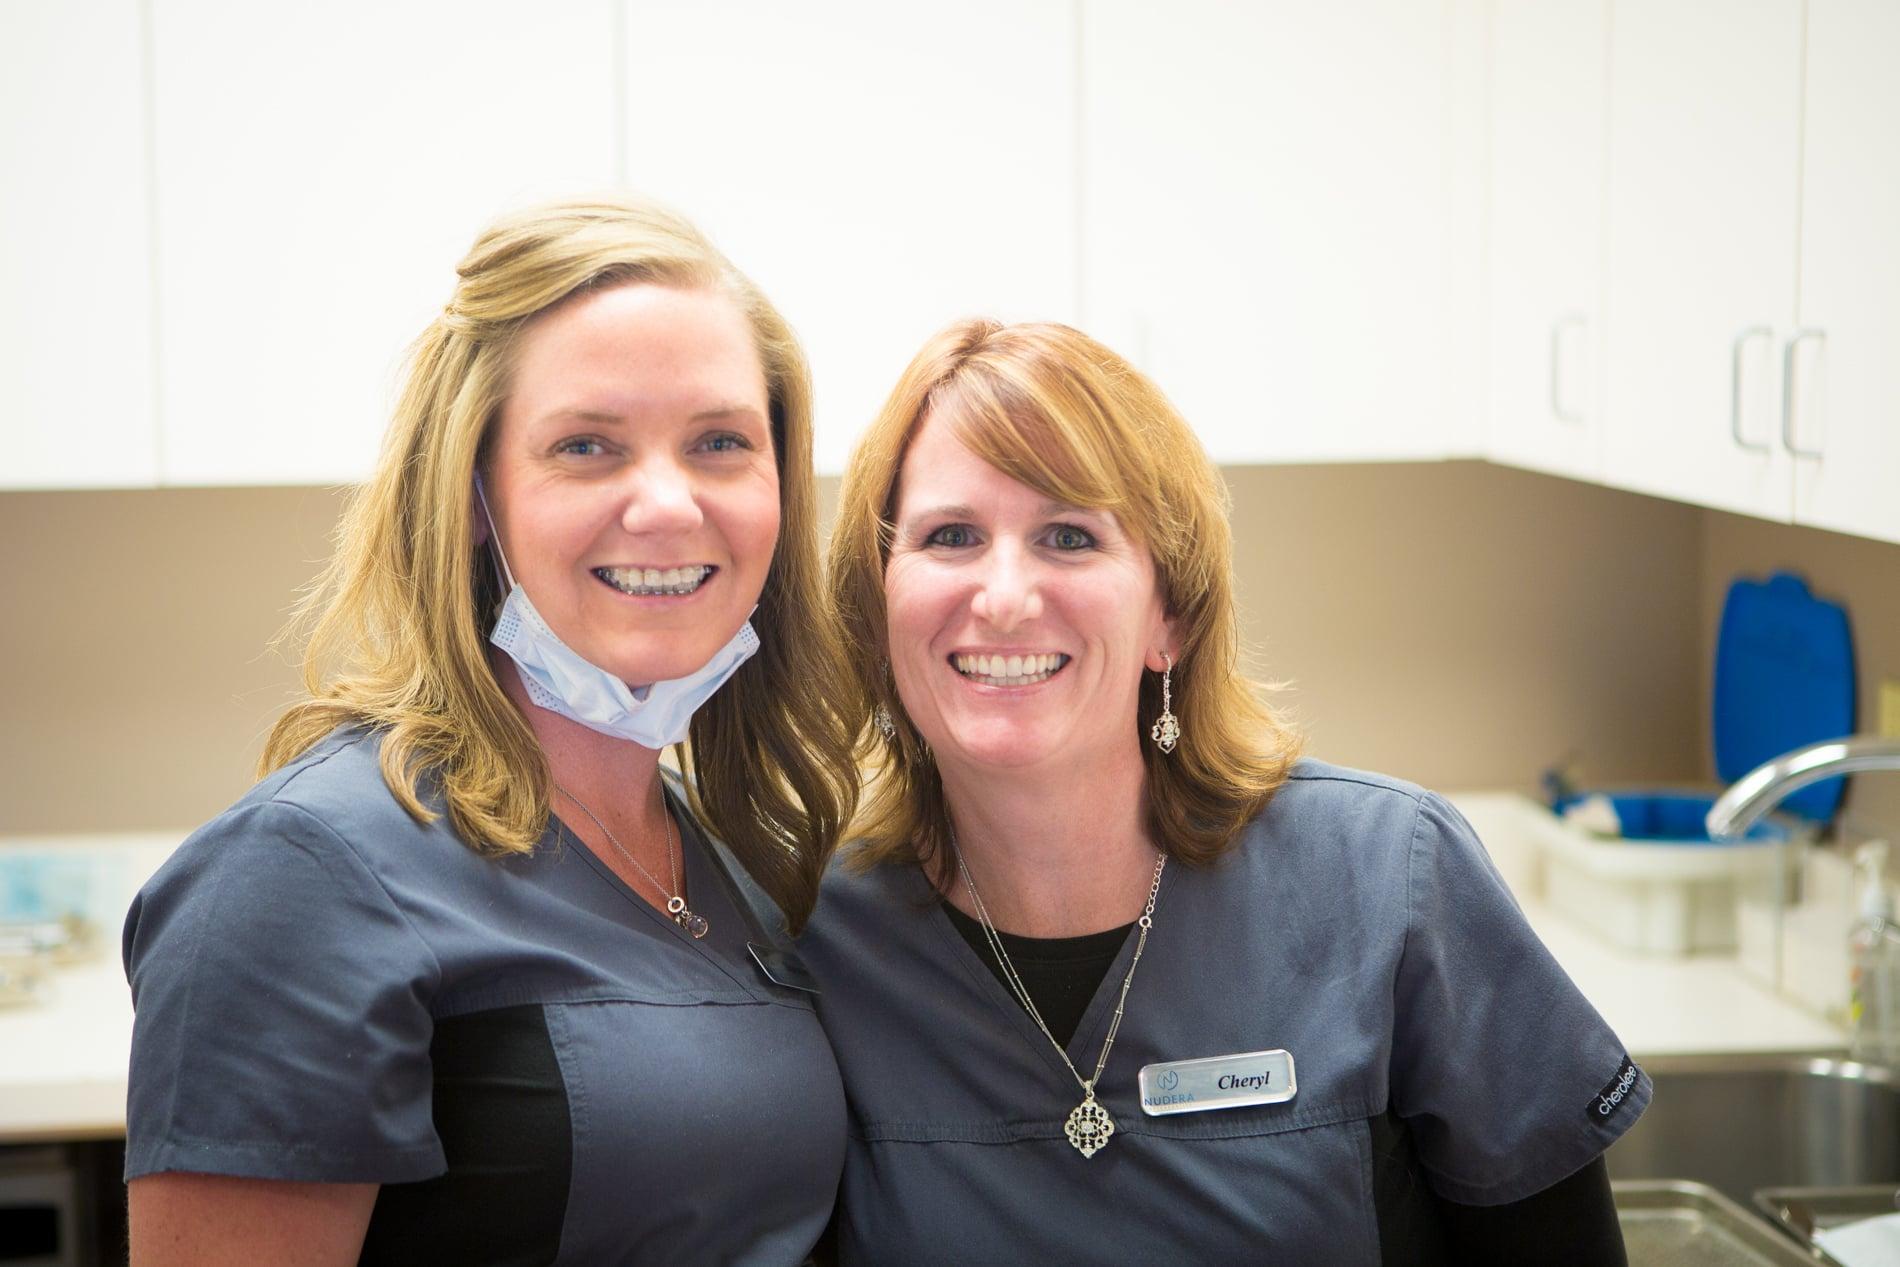 Nudera-Orthodontics-South-Elgin-Elmwood-Braces-47-of-67